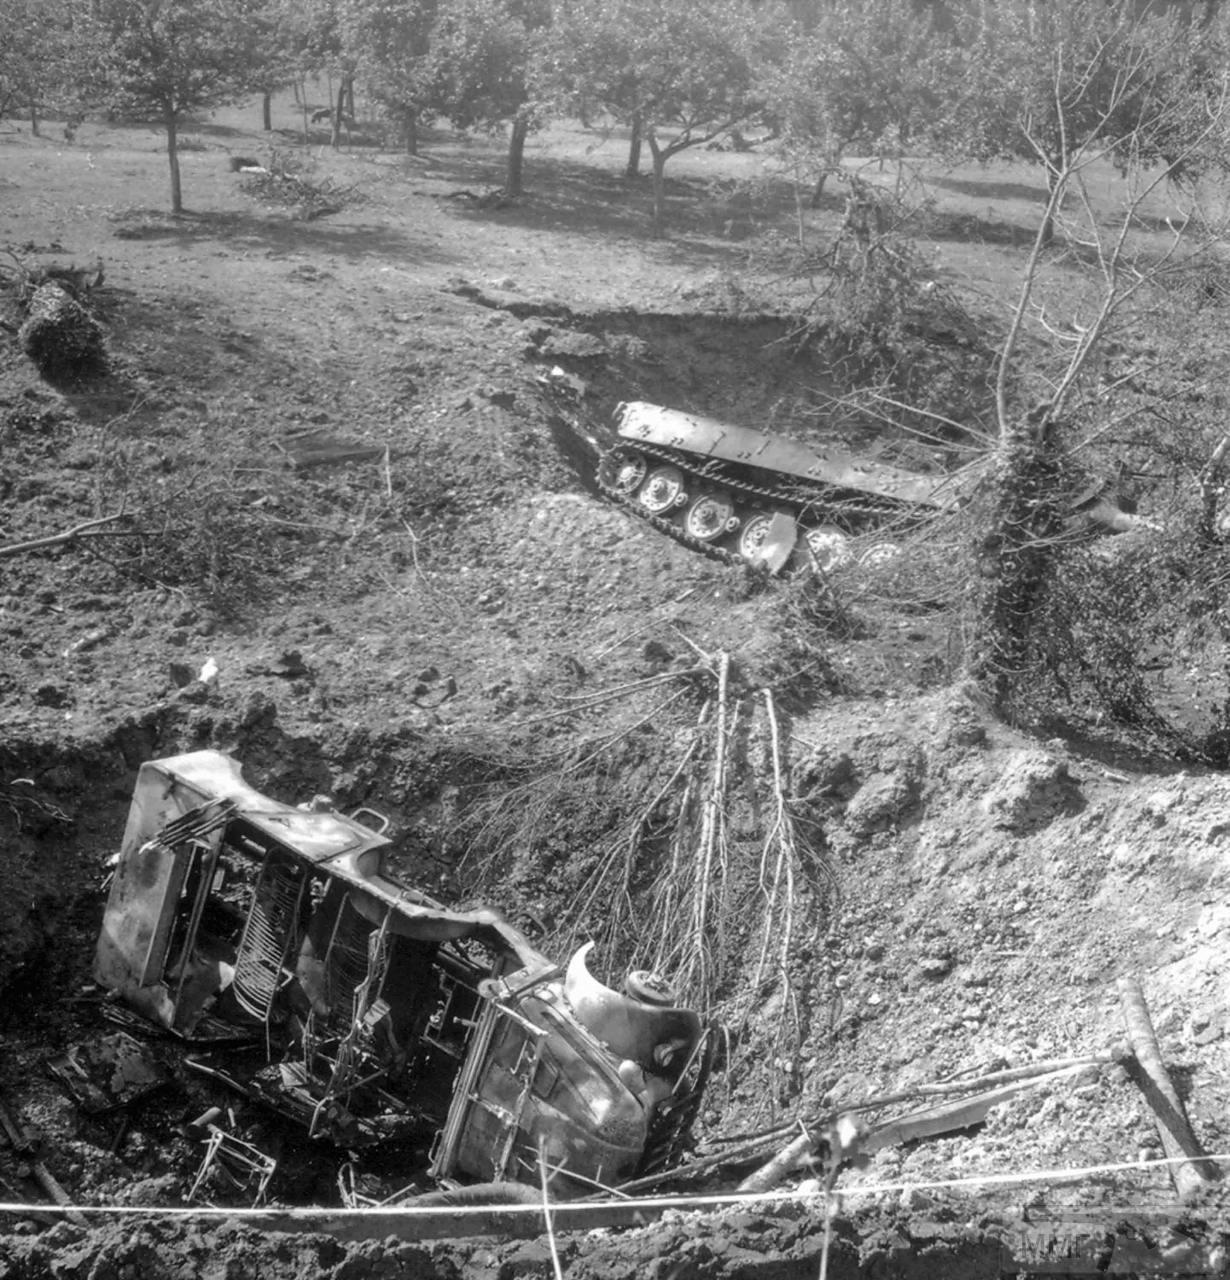 24037 - Военное фото 1939-1945 г.г. Западный фронт и Африка.